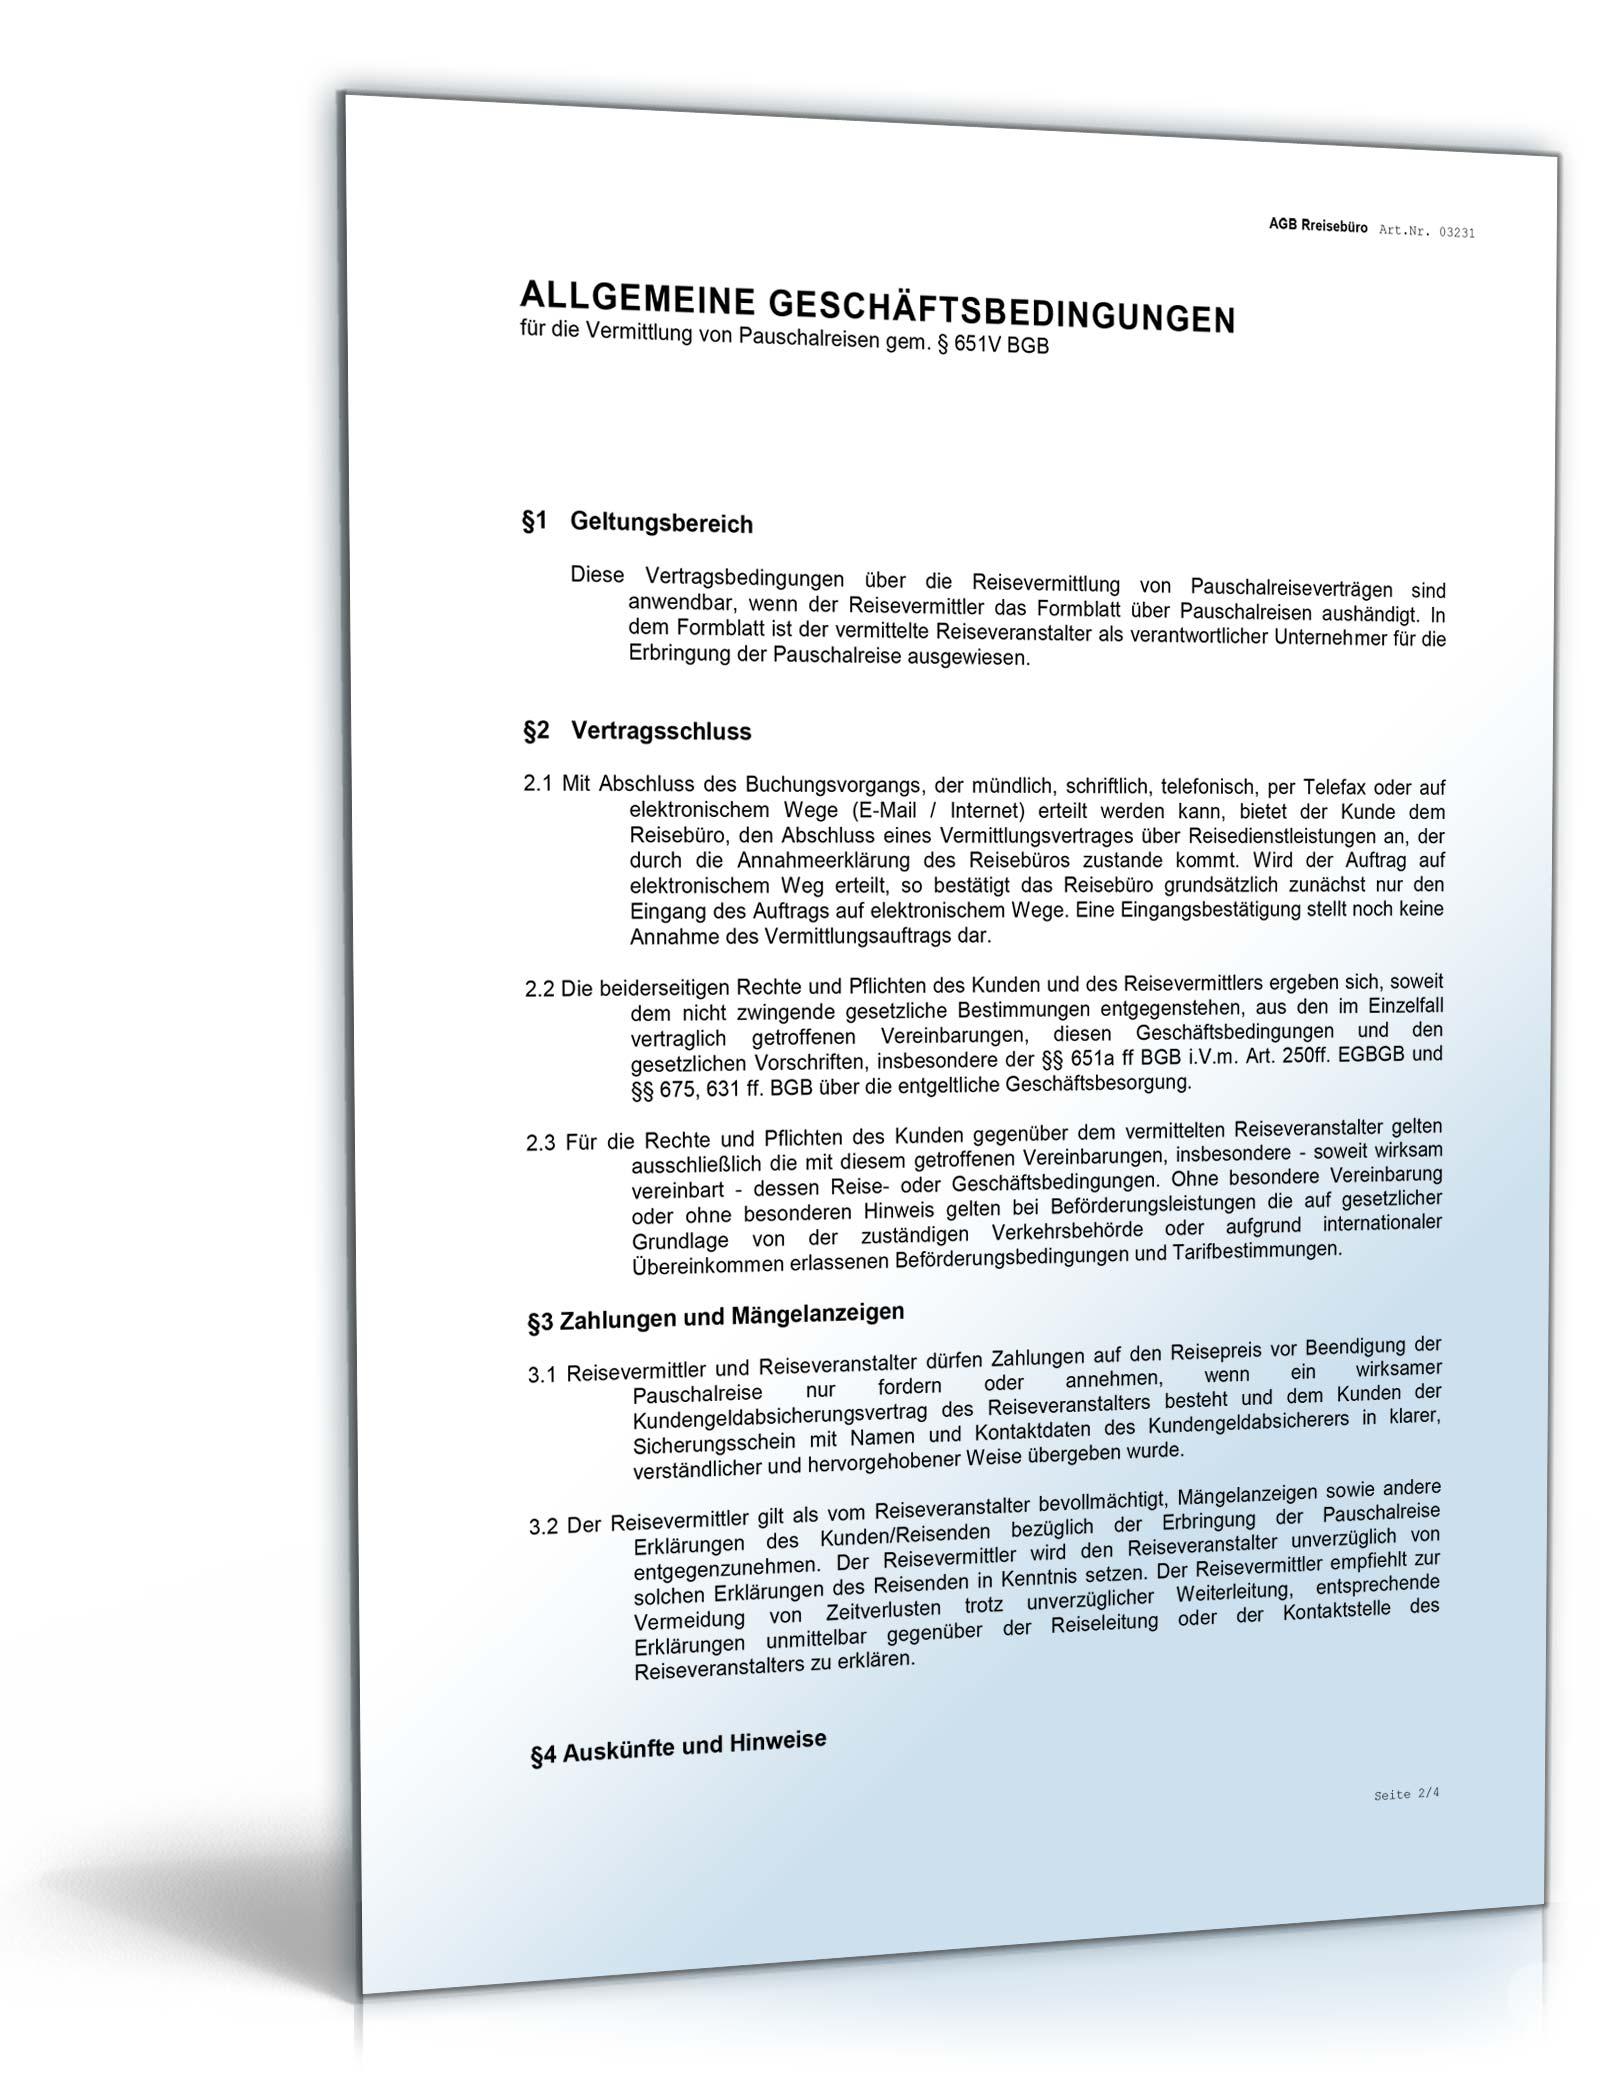 Agb Reisebüro Rechtssicheres Muster Zum Download